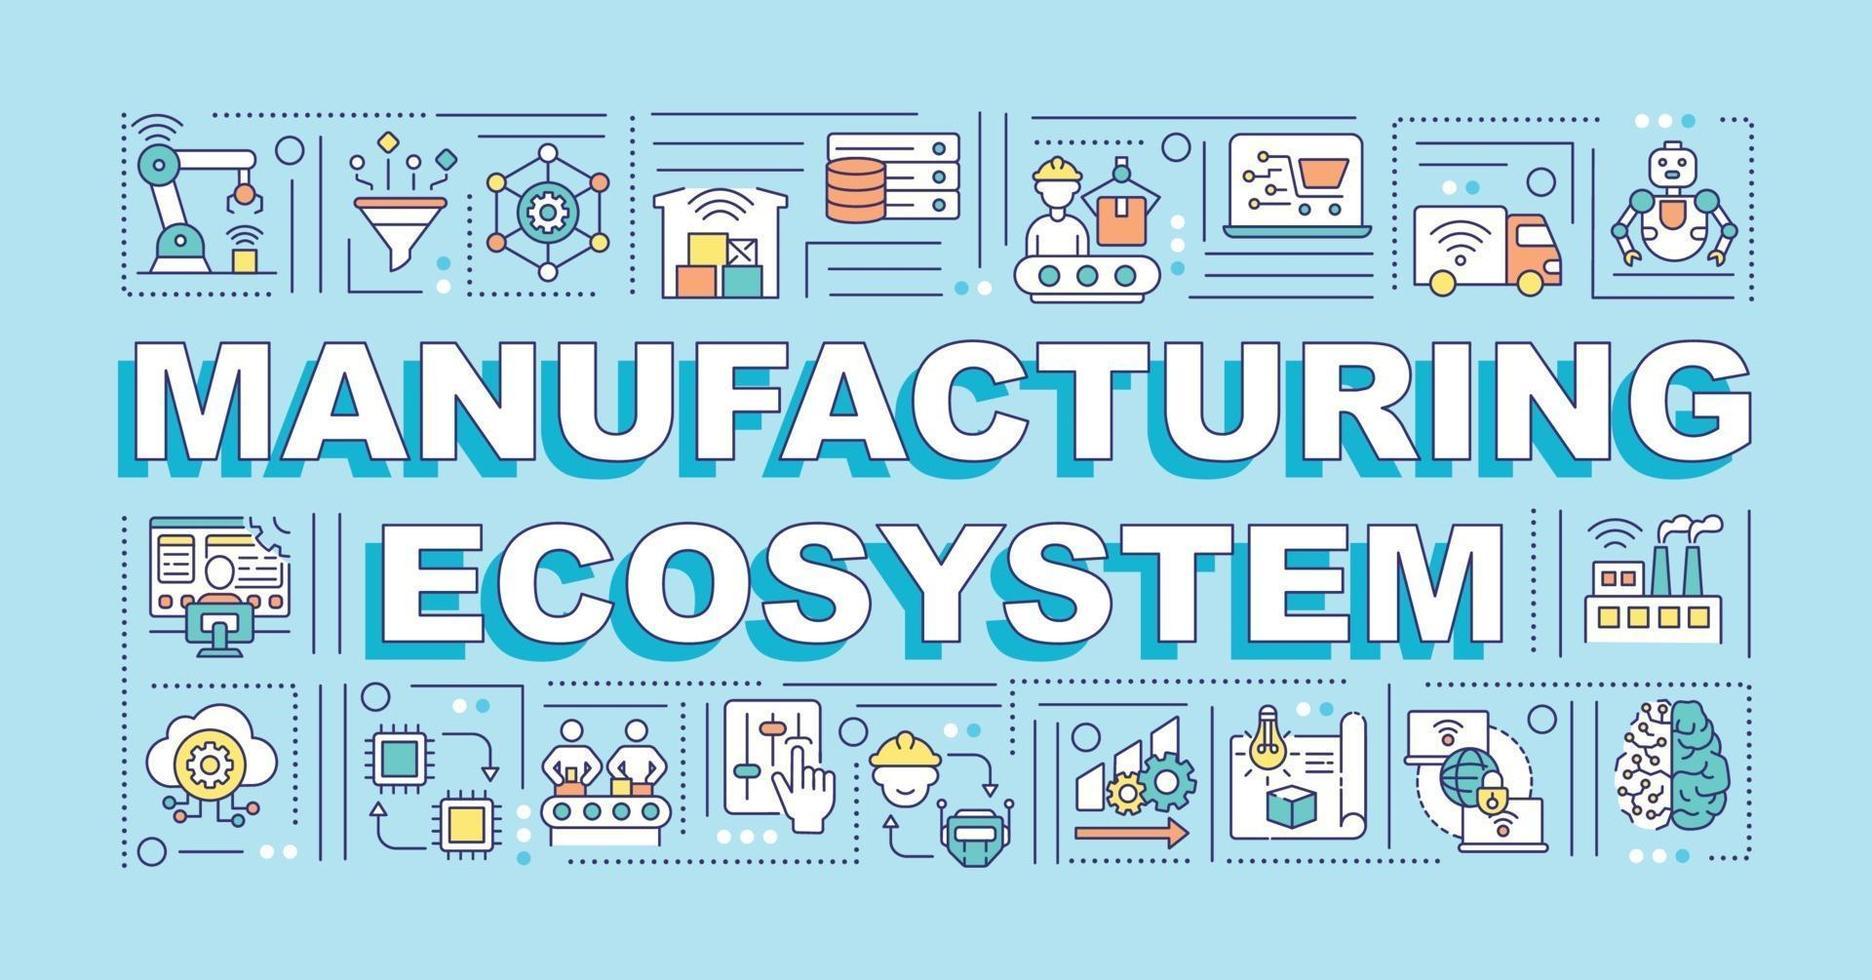 banner de conceitos de palavras de ecossistema de manufatura vetor